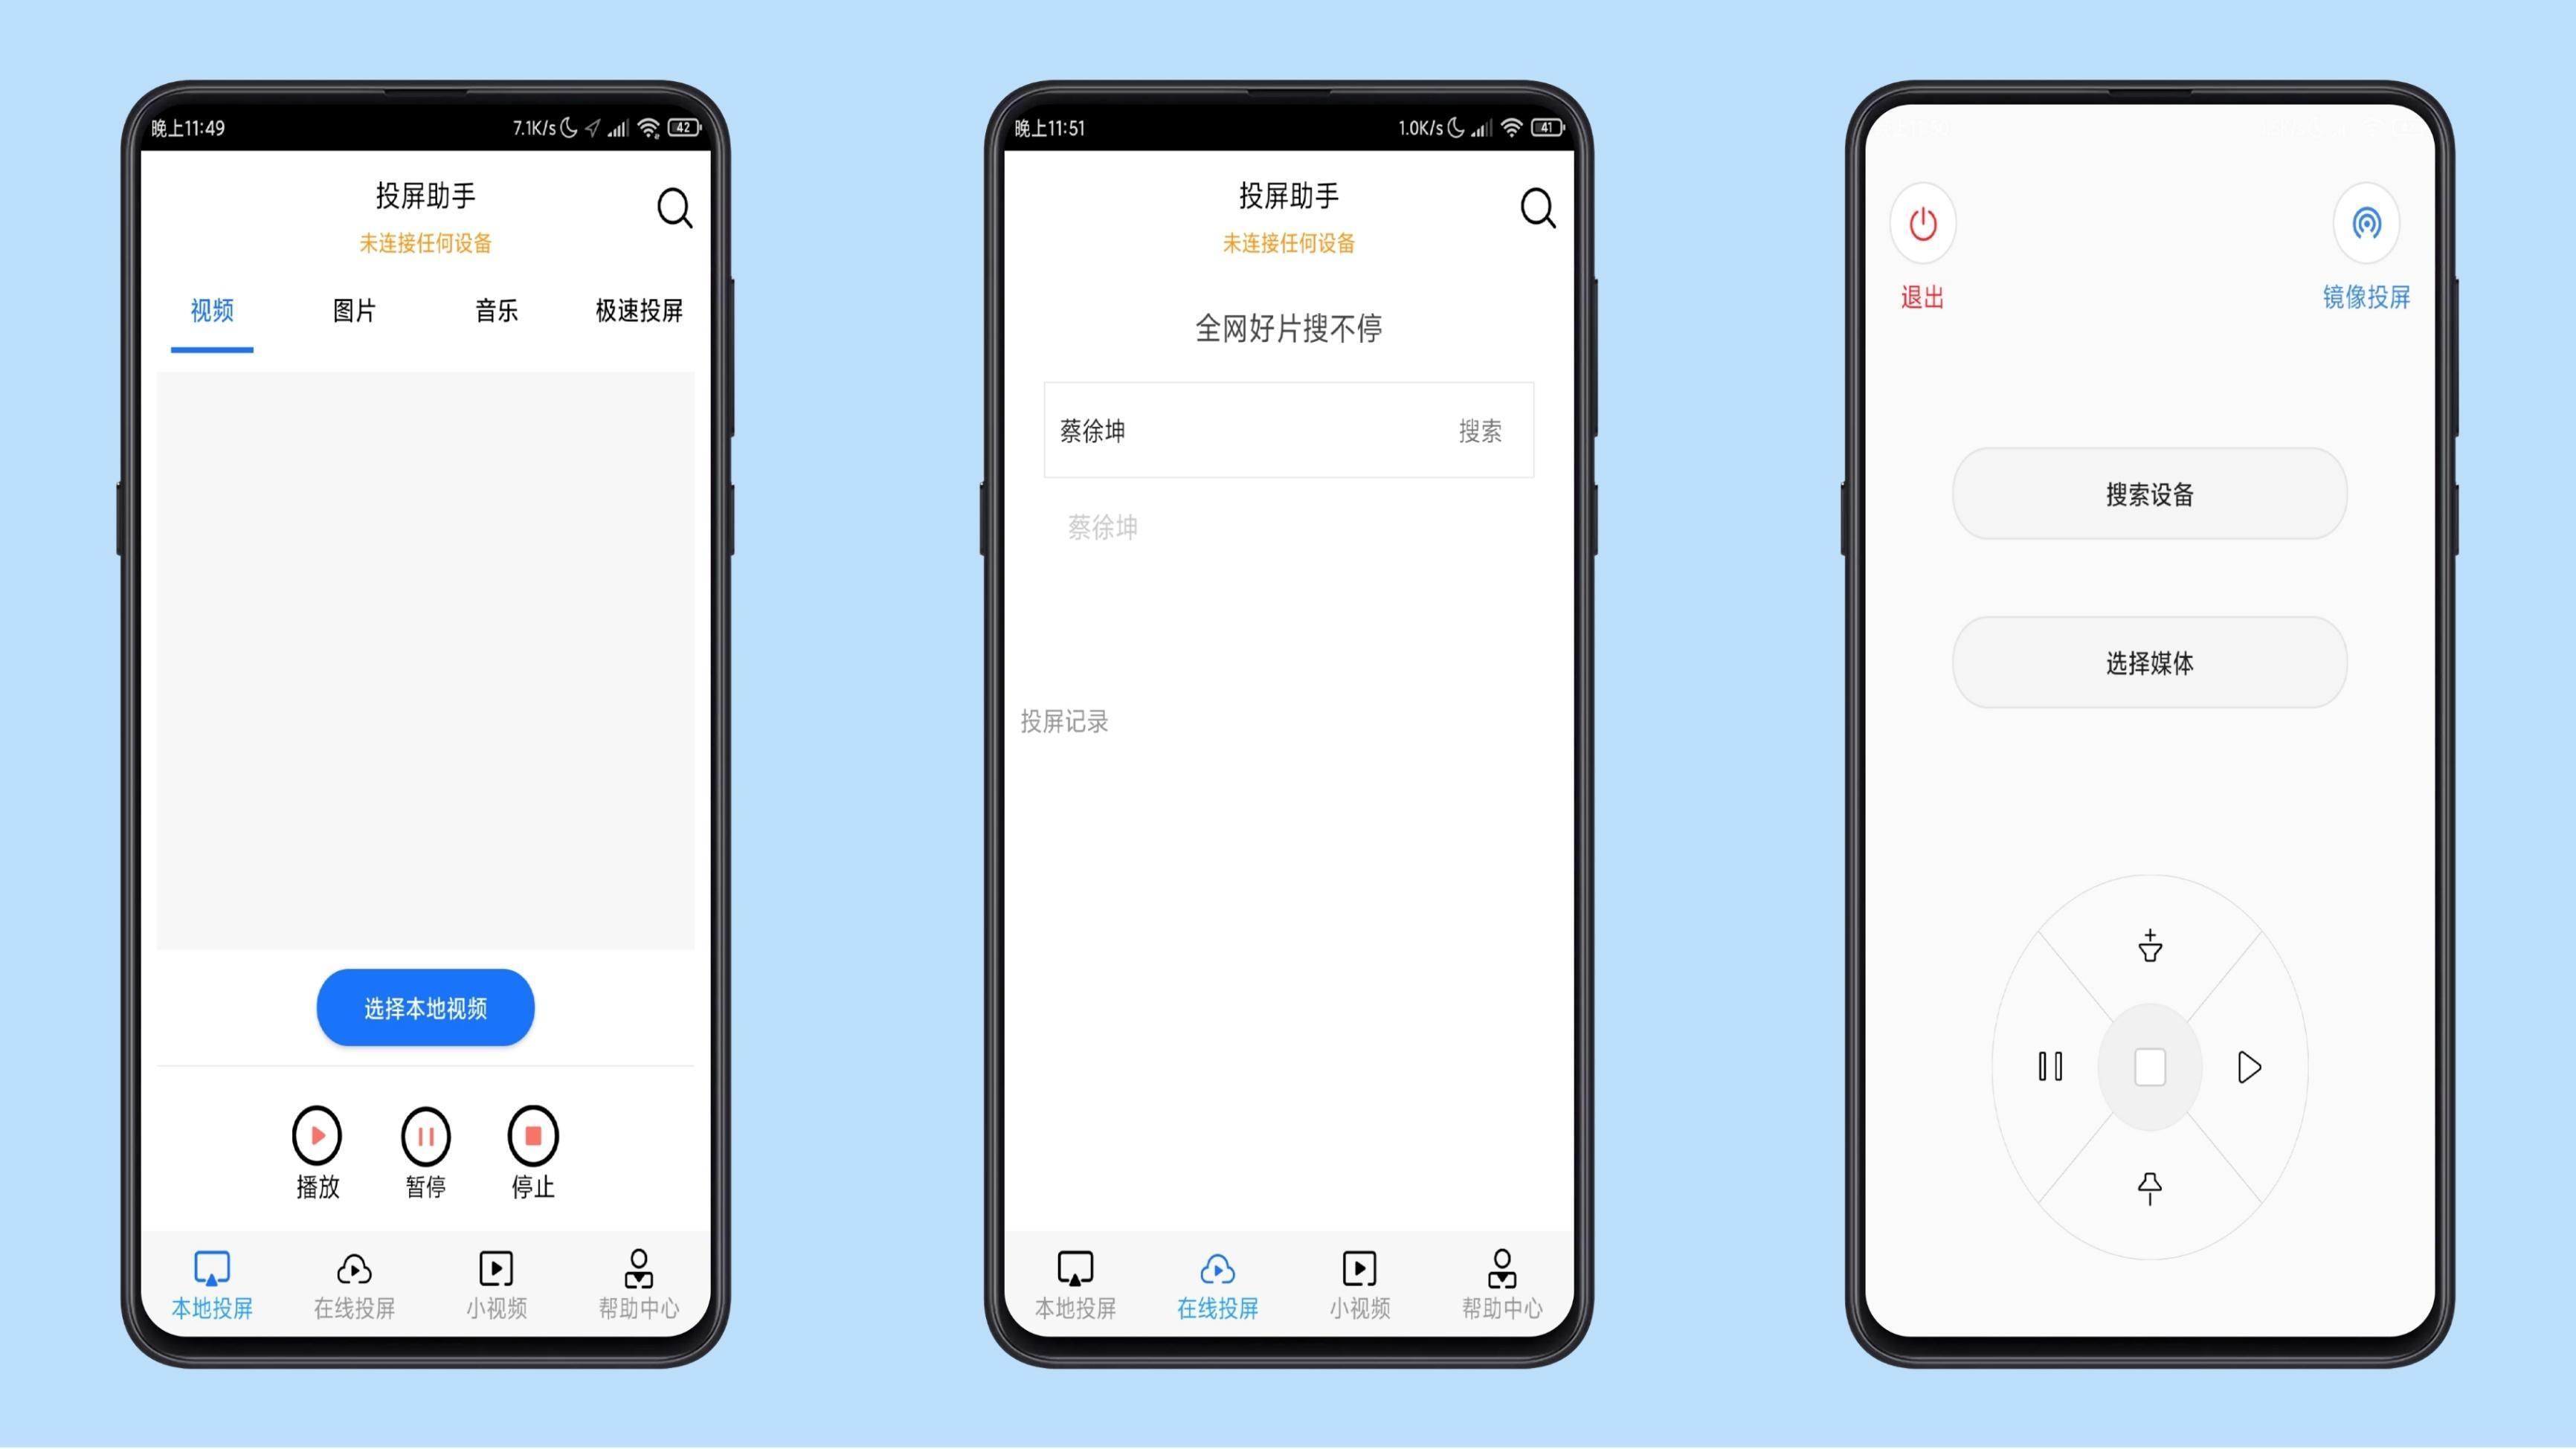 手机投屏优化版截图1